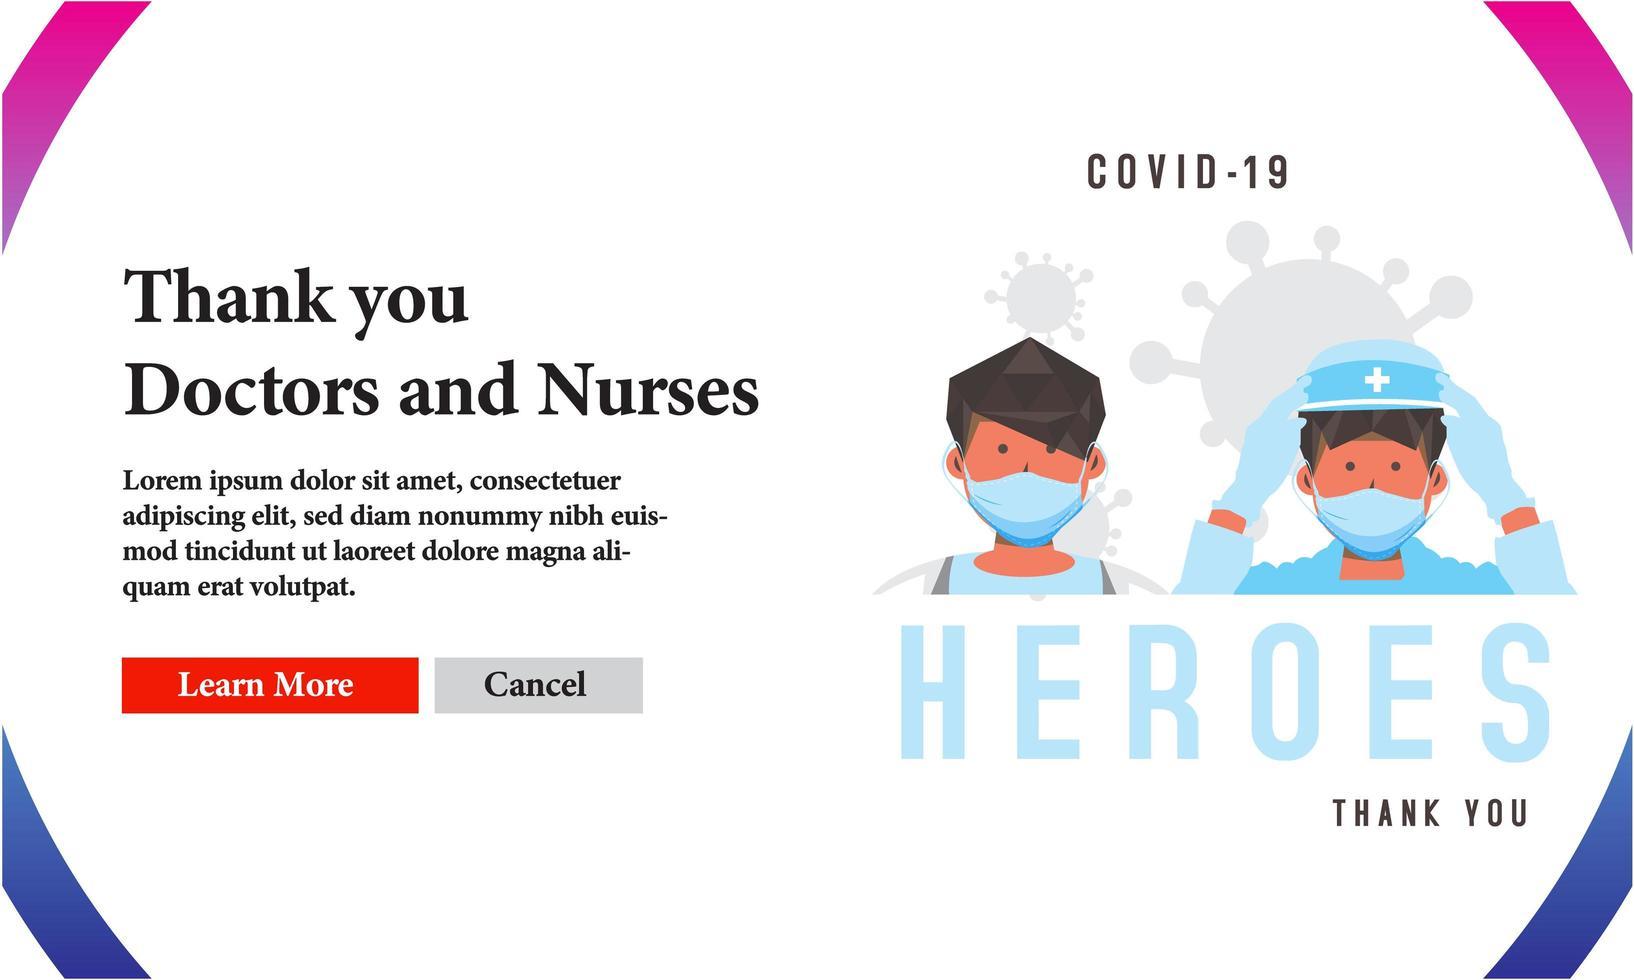 danke medizinische Helden covid-19 Banner Design vektor